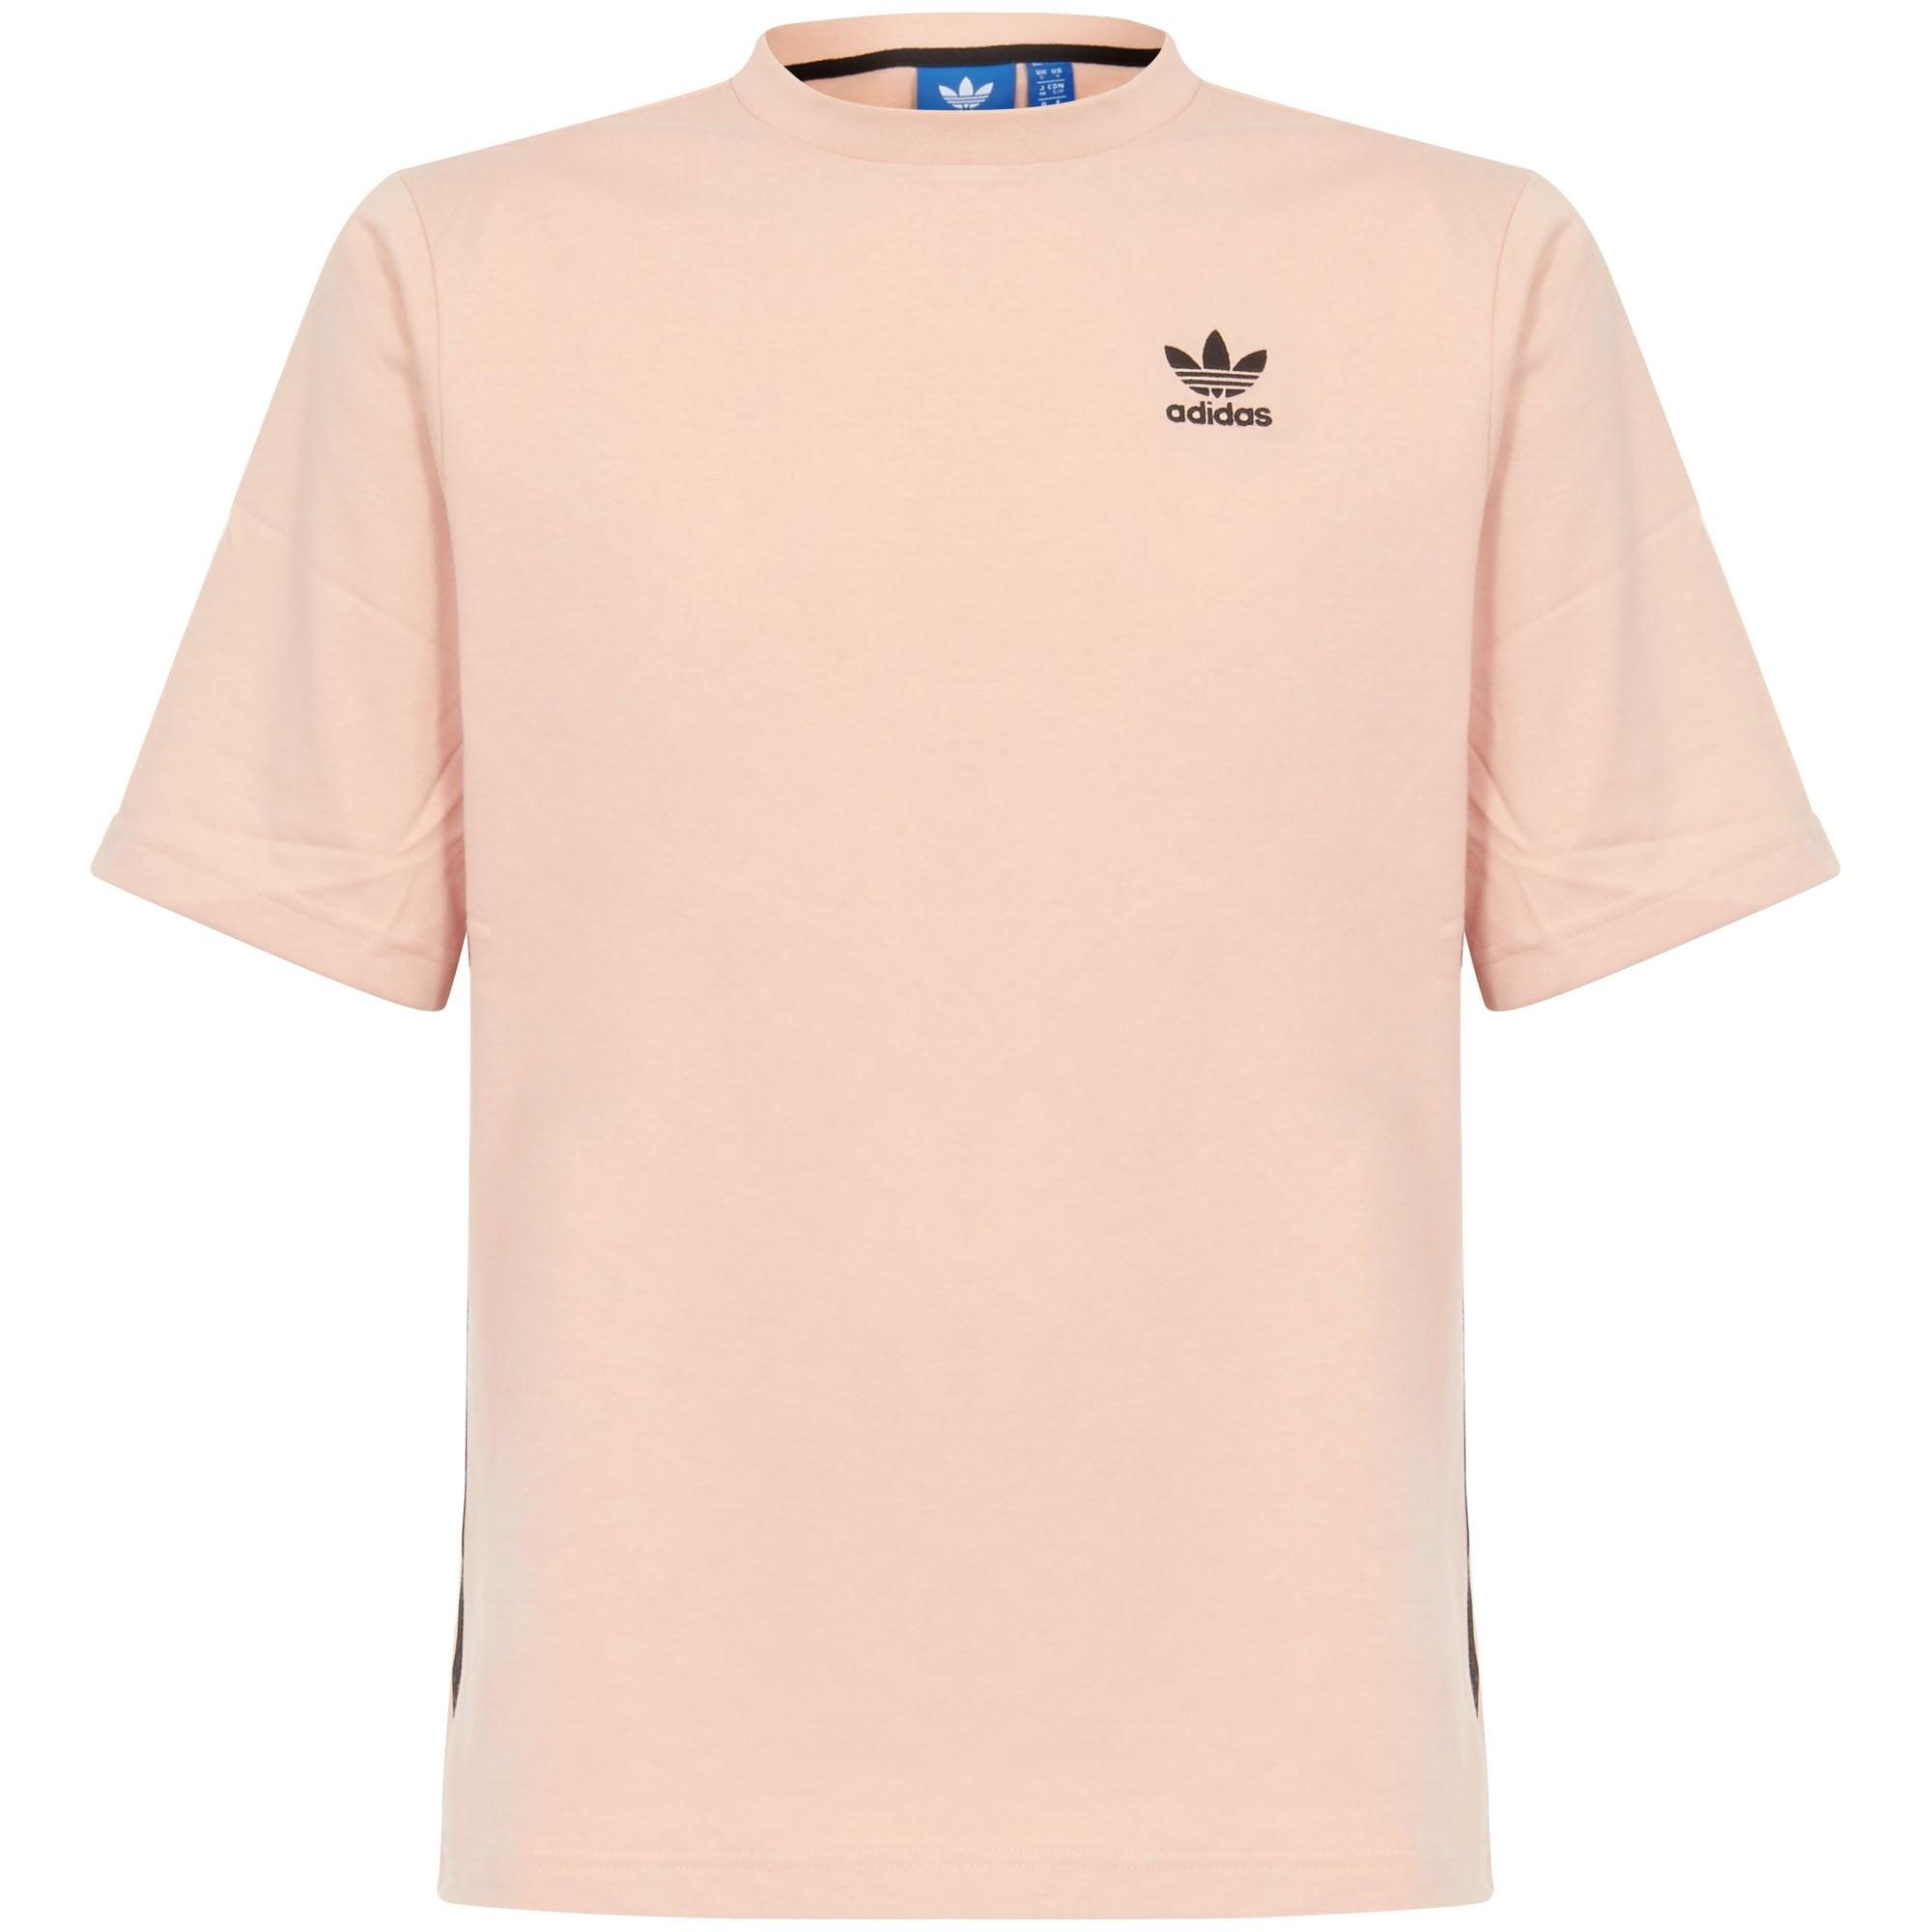 adidas pink polo shirt